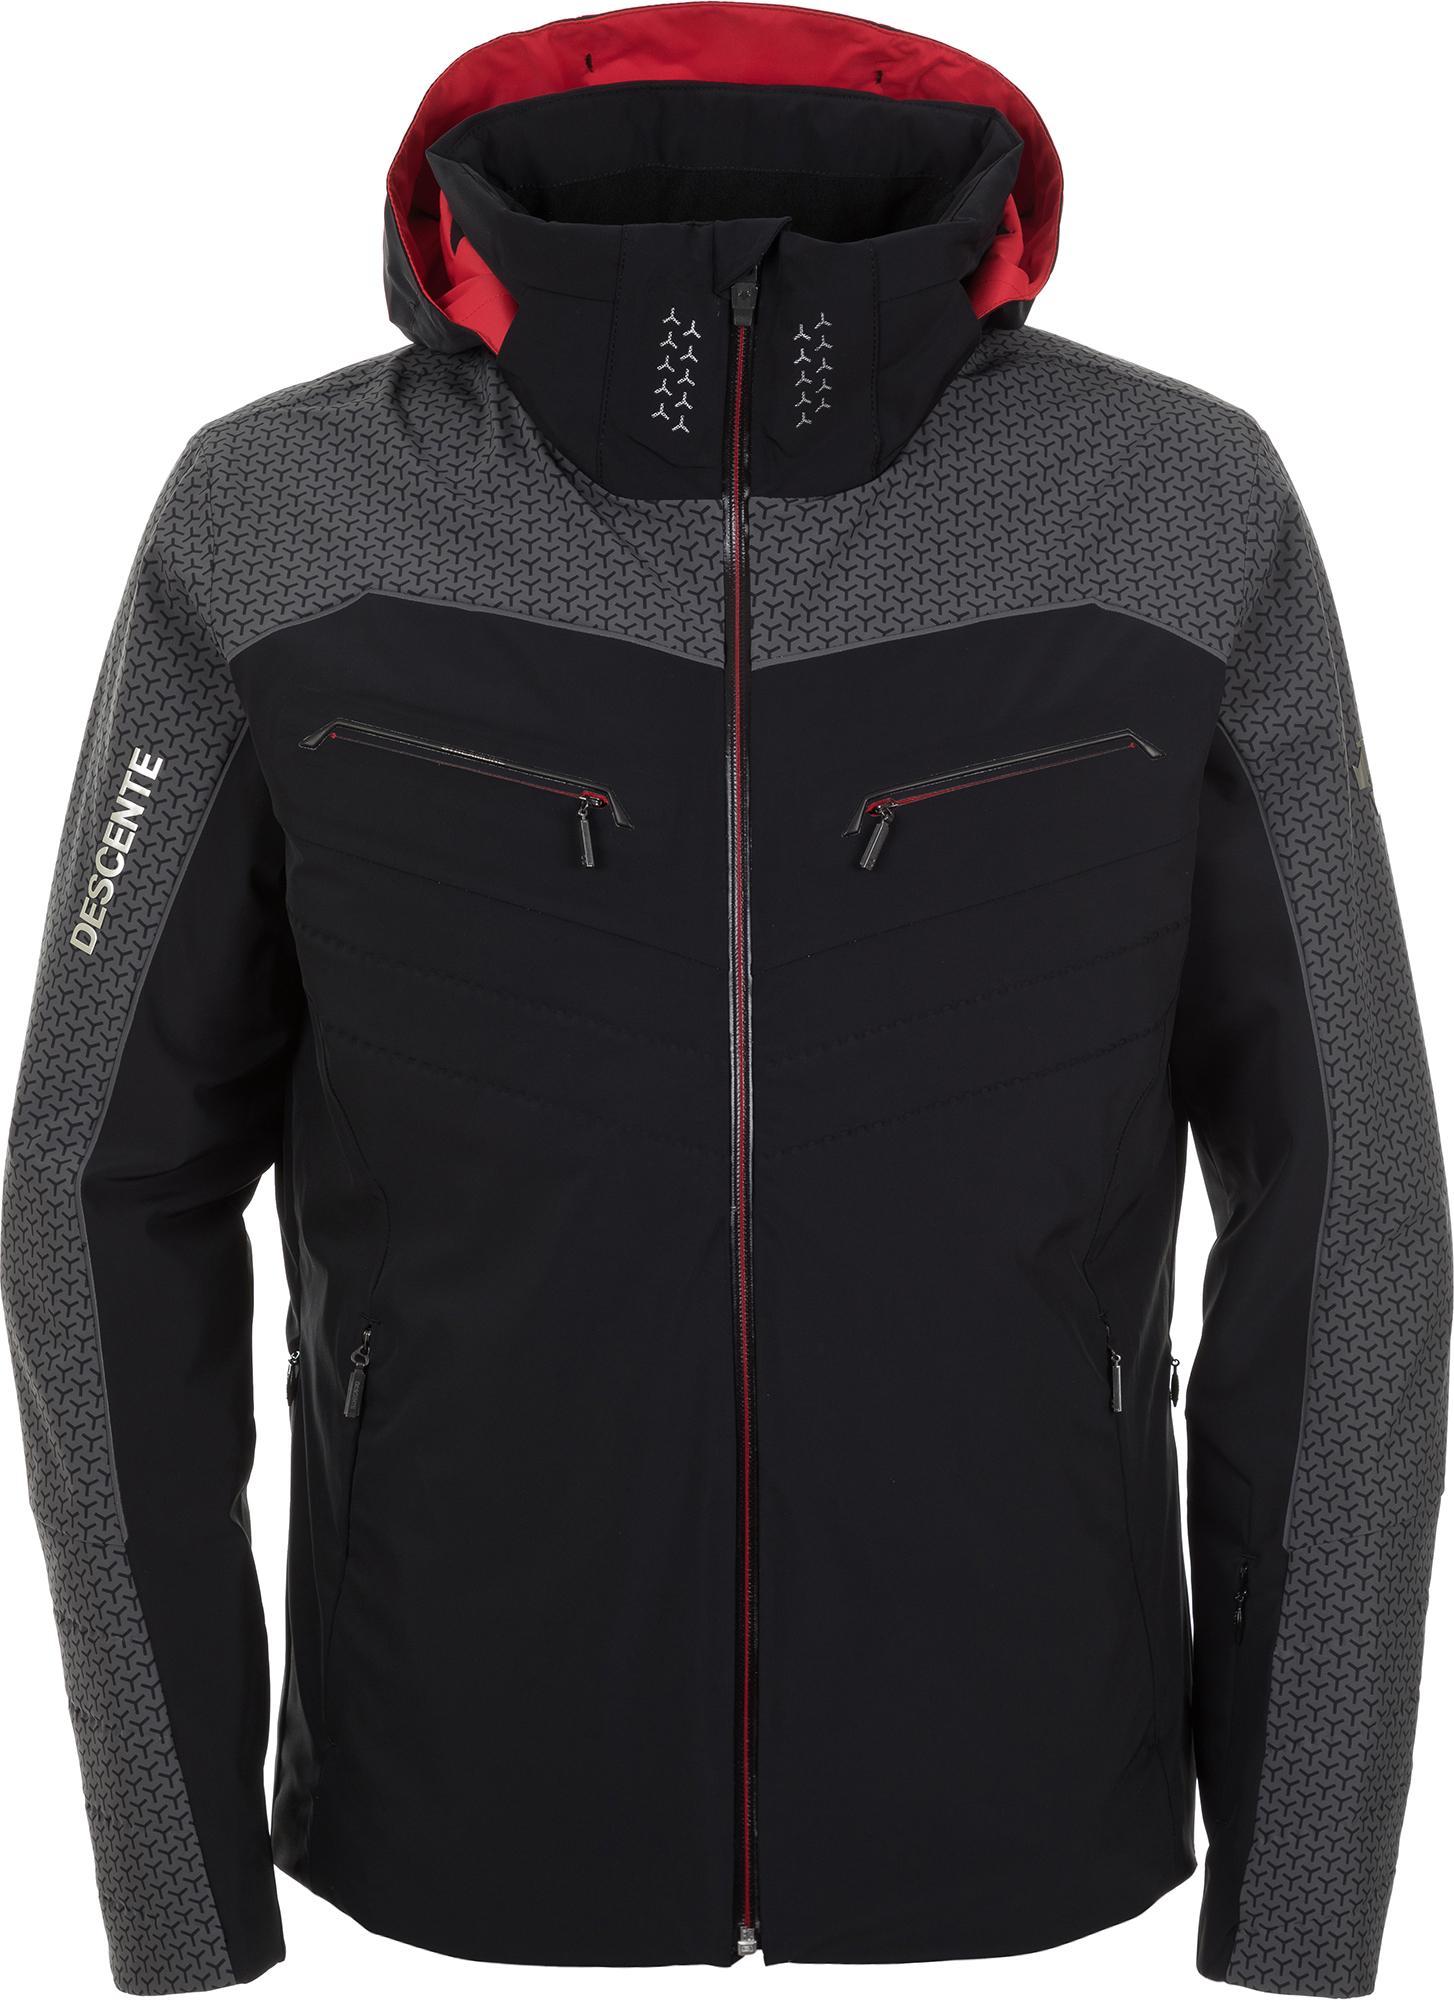 Descente Куртка утепленная мужская Lorenzo, размер 58